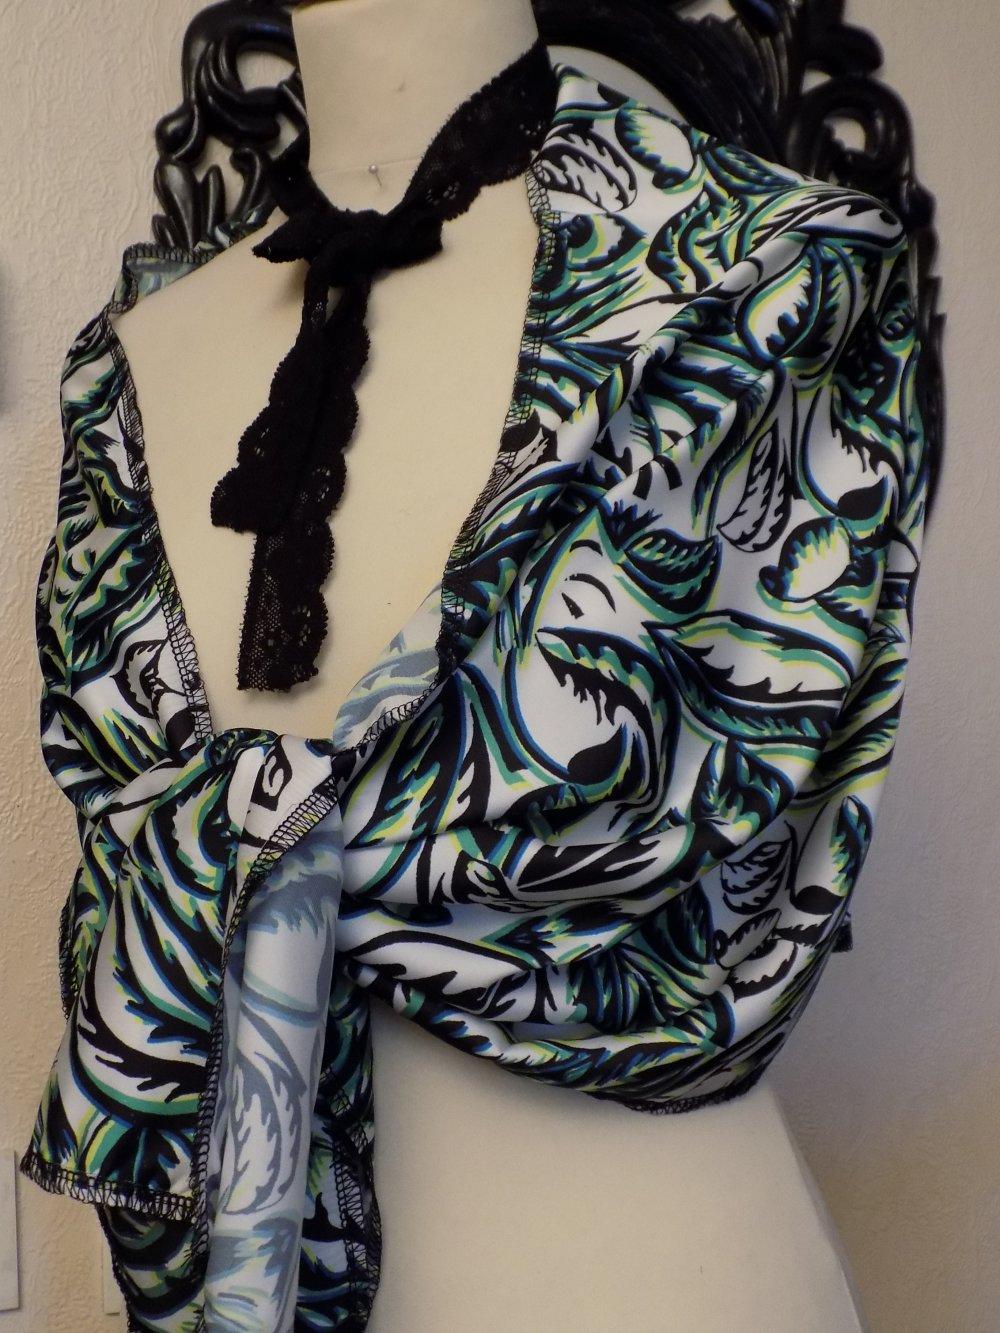 Étole de mariage,en tissu de viscose imprimé,de couleur blanc,vert et noir,écharpe femme,écharpe fille